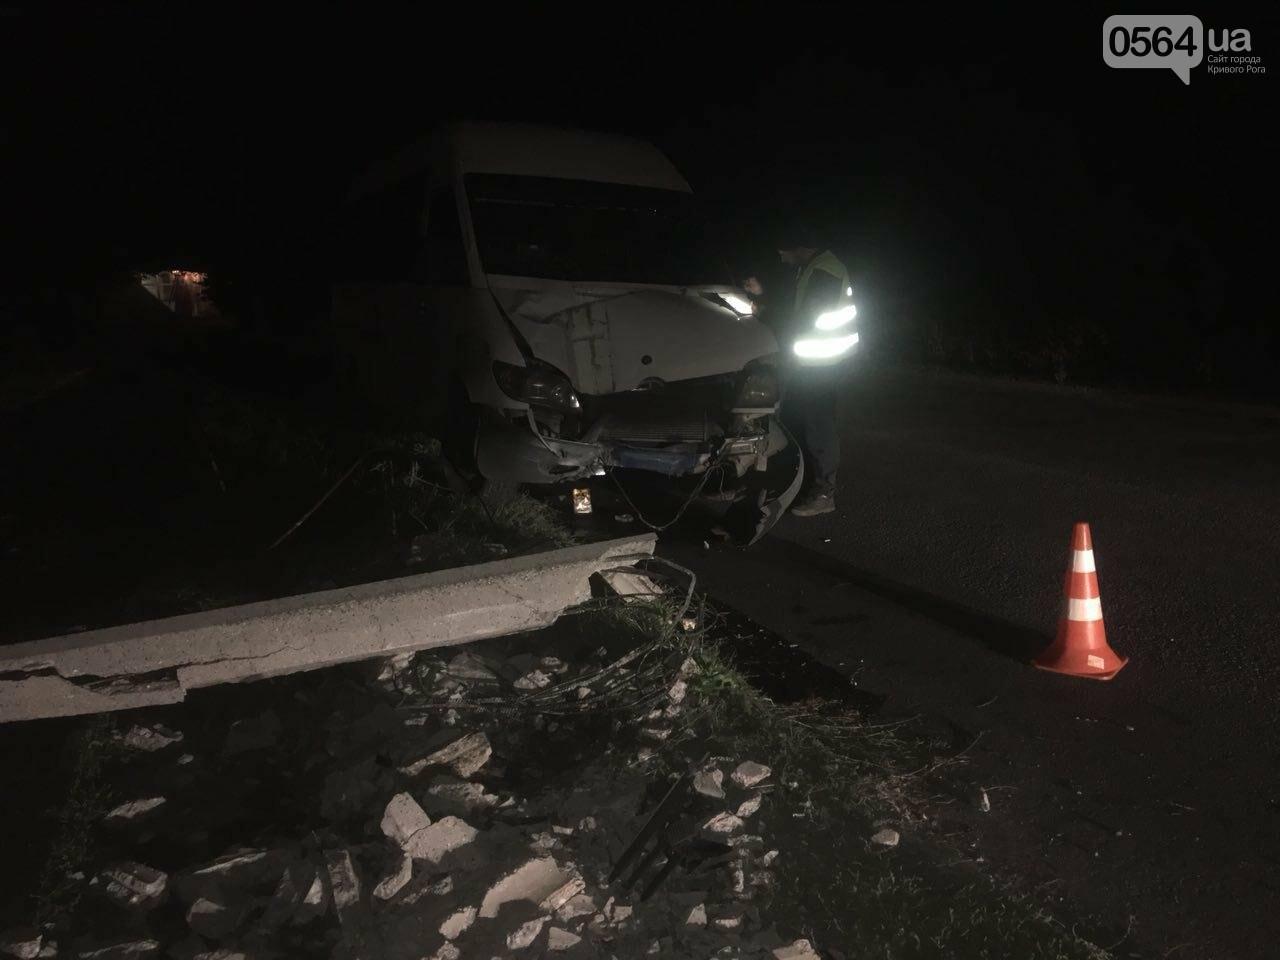 В Кривом Роге микроавтобус снес электроопору: пропал водитель и свет, - ФОТО  , фото-4